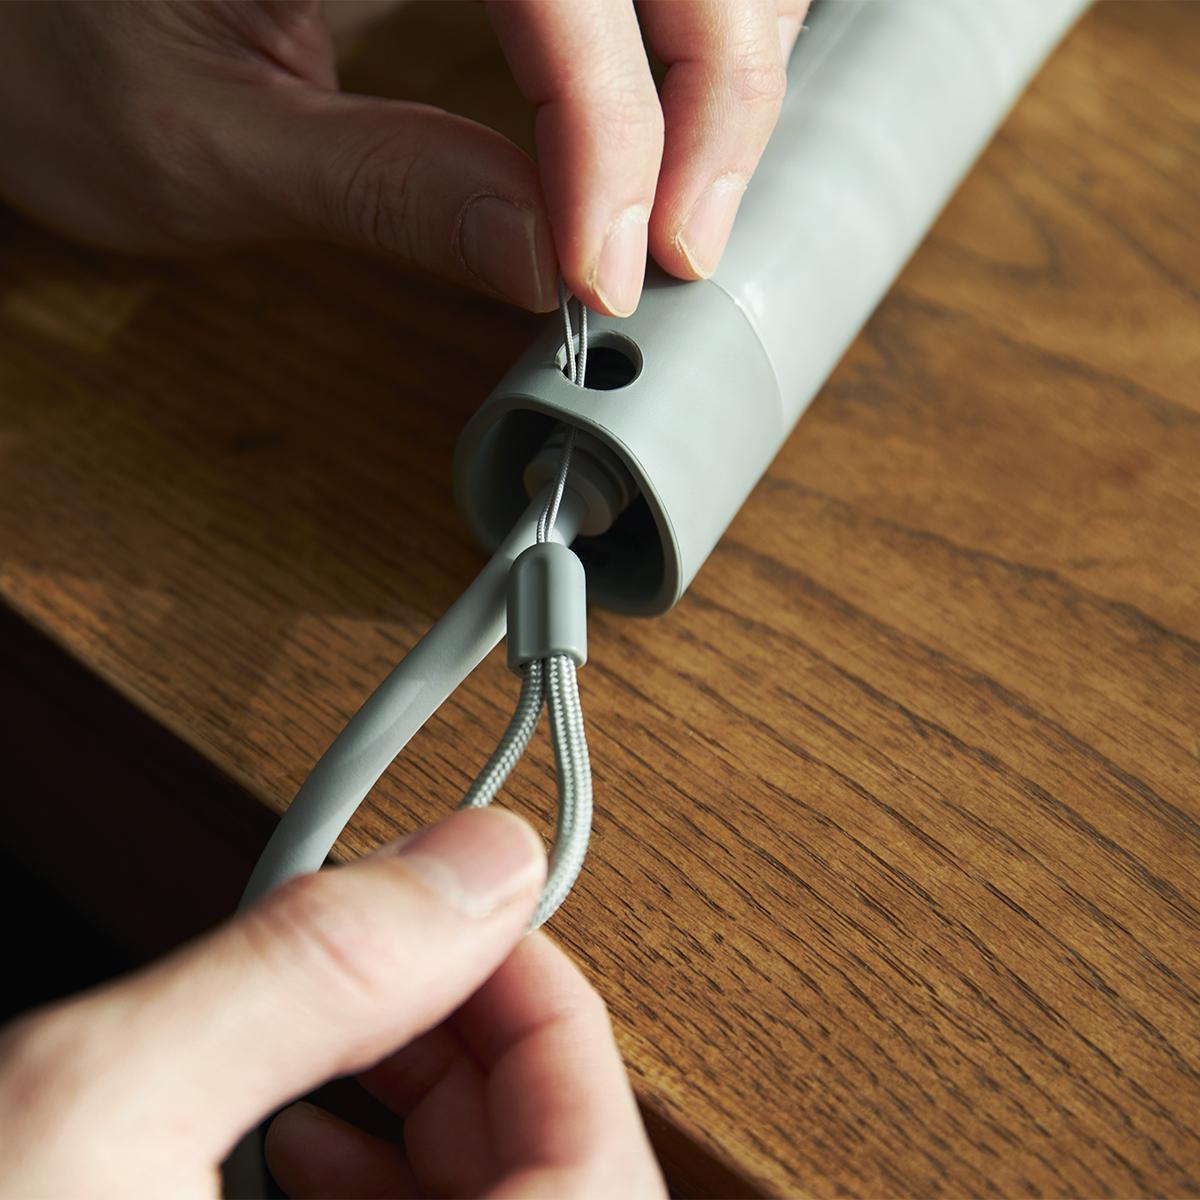 付属のストラップを装着すれば、掛けて収納することもできます。手と空間に馴染む、85℃のちょうどいい風をつくる「ヘアドライヤー」|cadocuaura(カドークオーラ)|BD-E2